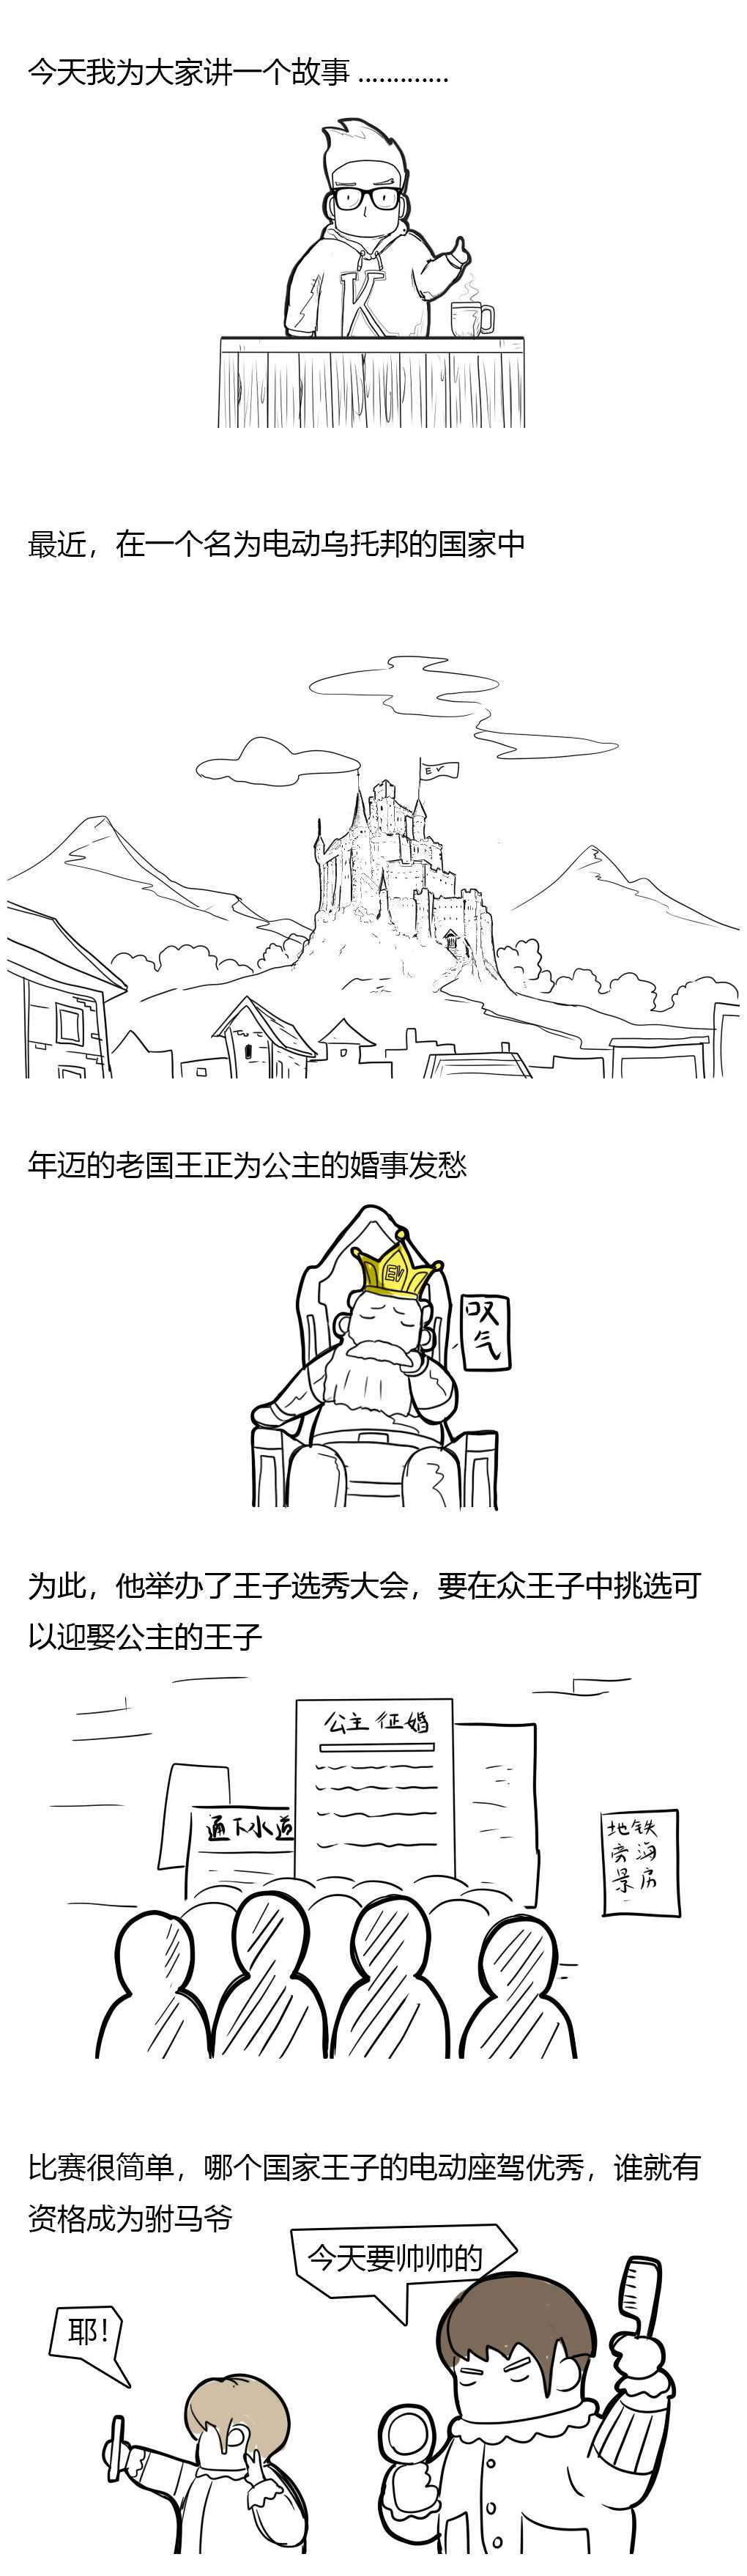 001 - 副本.jpg